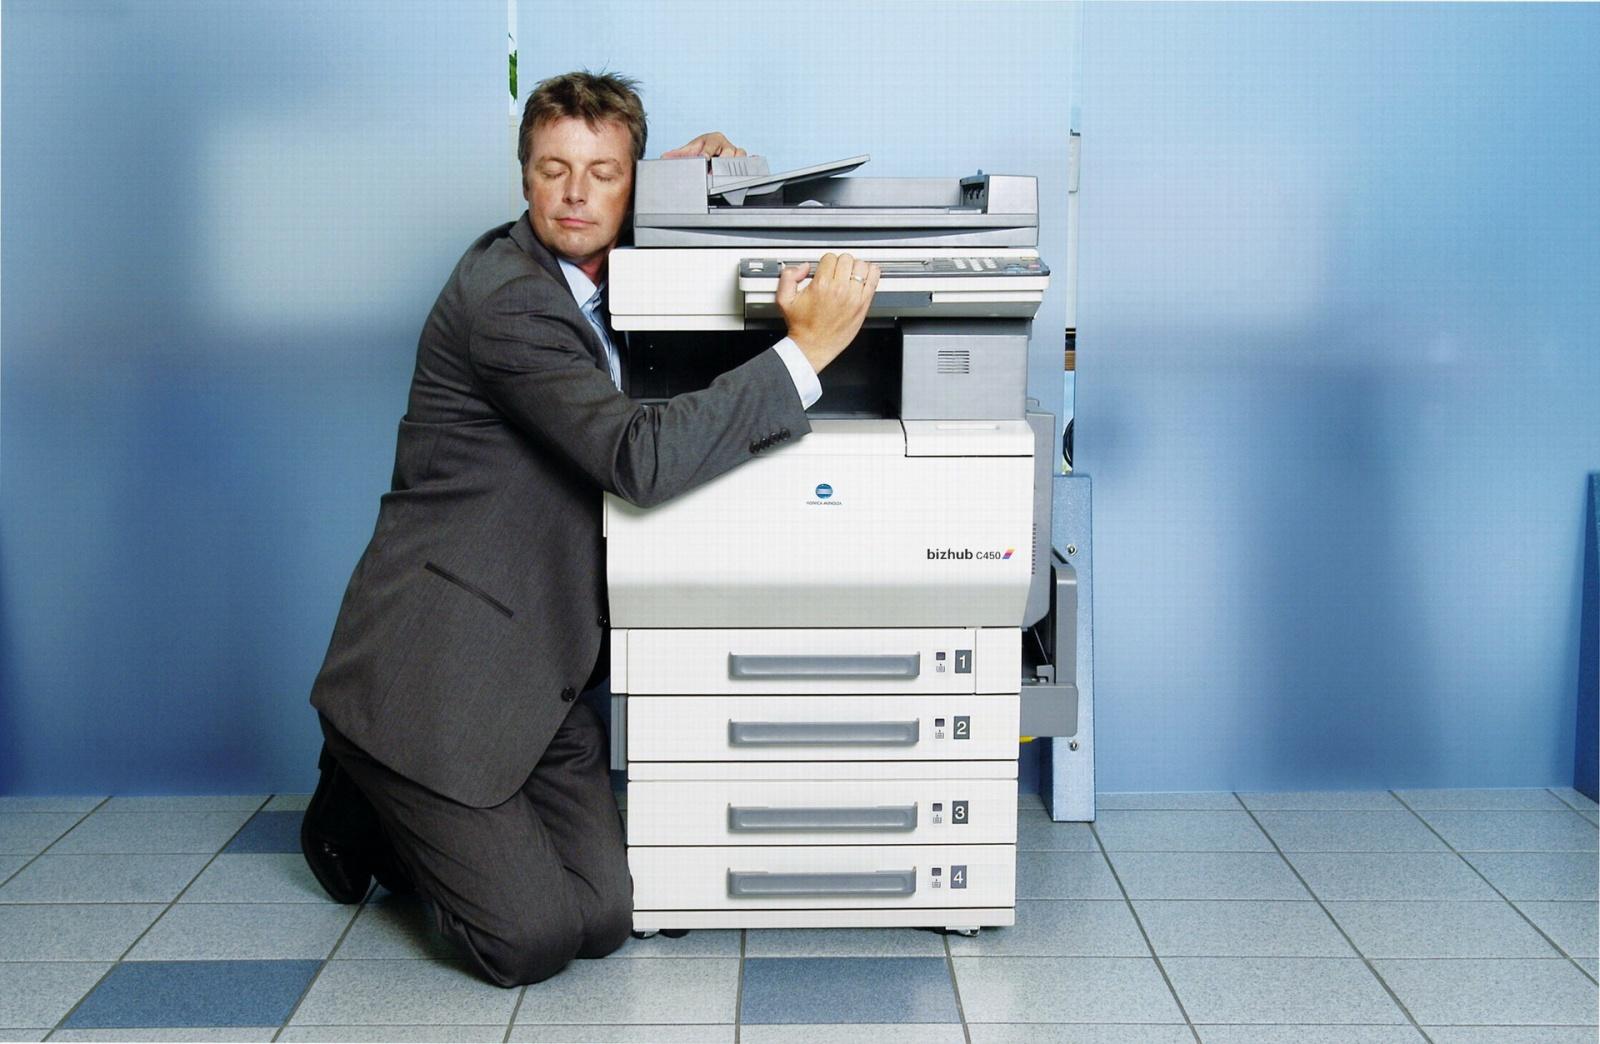 Корпоративная печать: гораздо больше проблем, чем кажется - 6